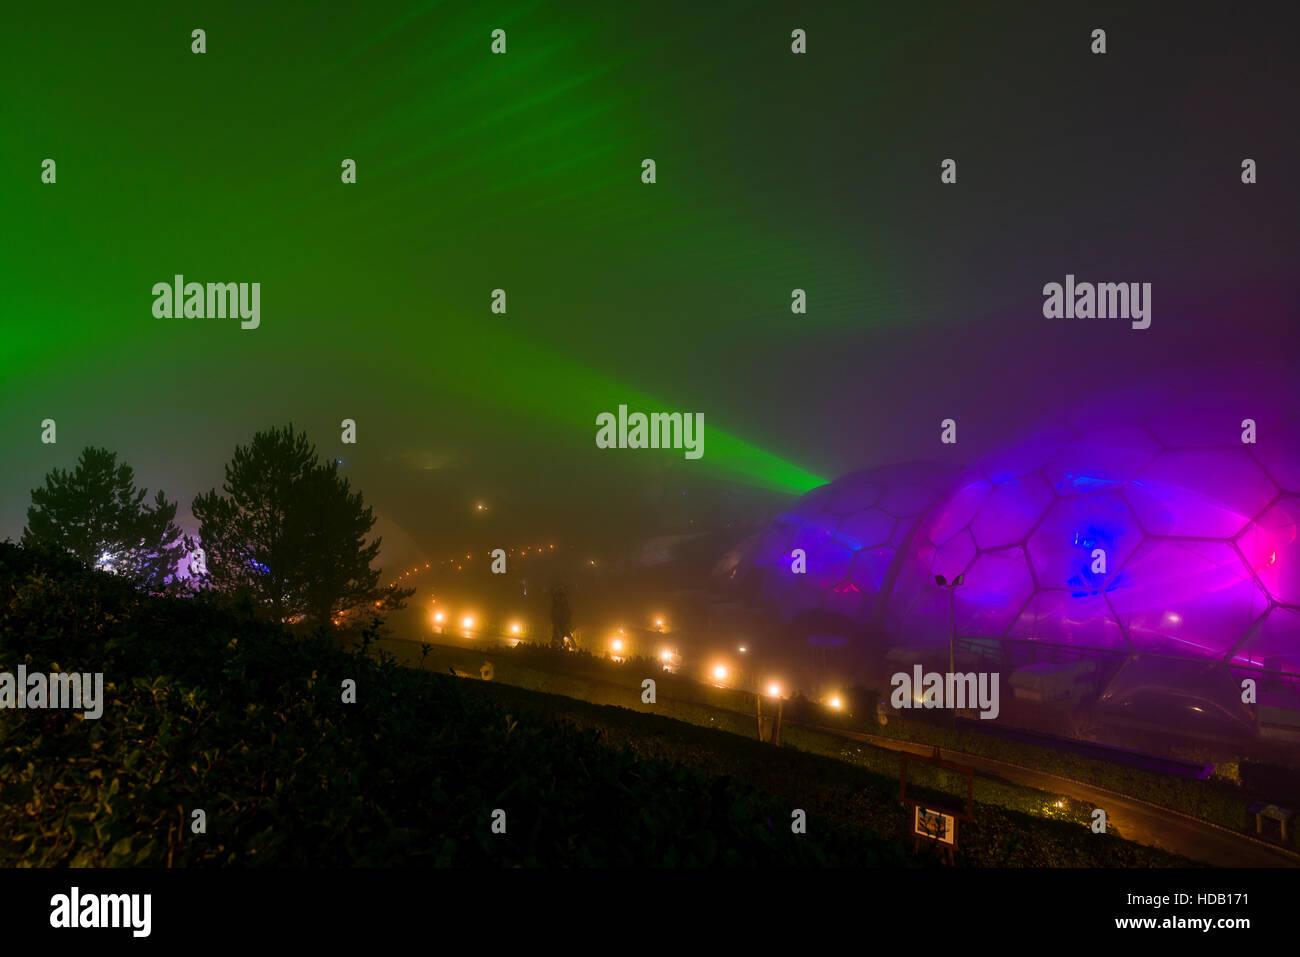 Eden Project spettacolo di luci e suoni nella nebbia. Solo uso editoriale. Il tardo autunno foto dal loro recente Immagini Stock